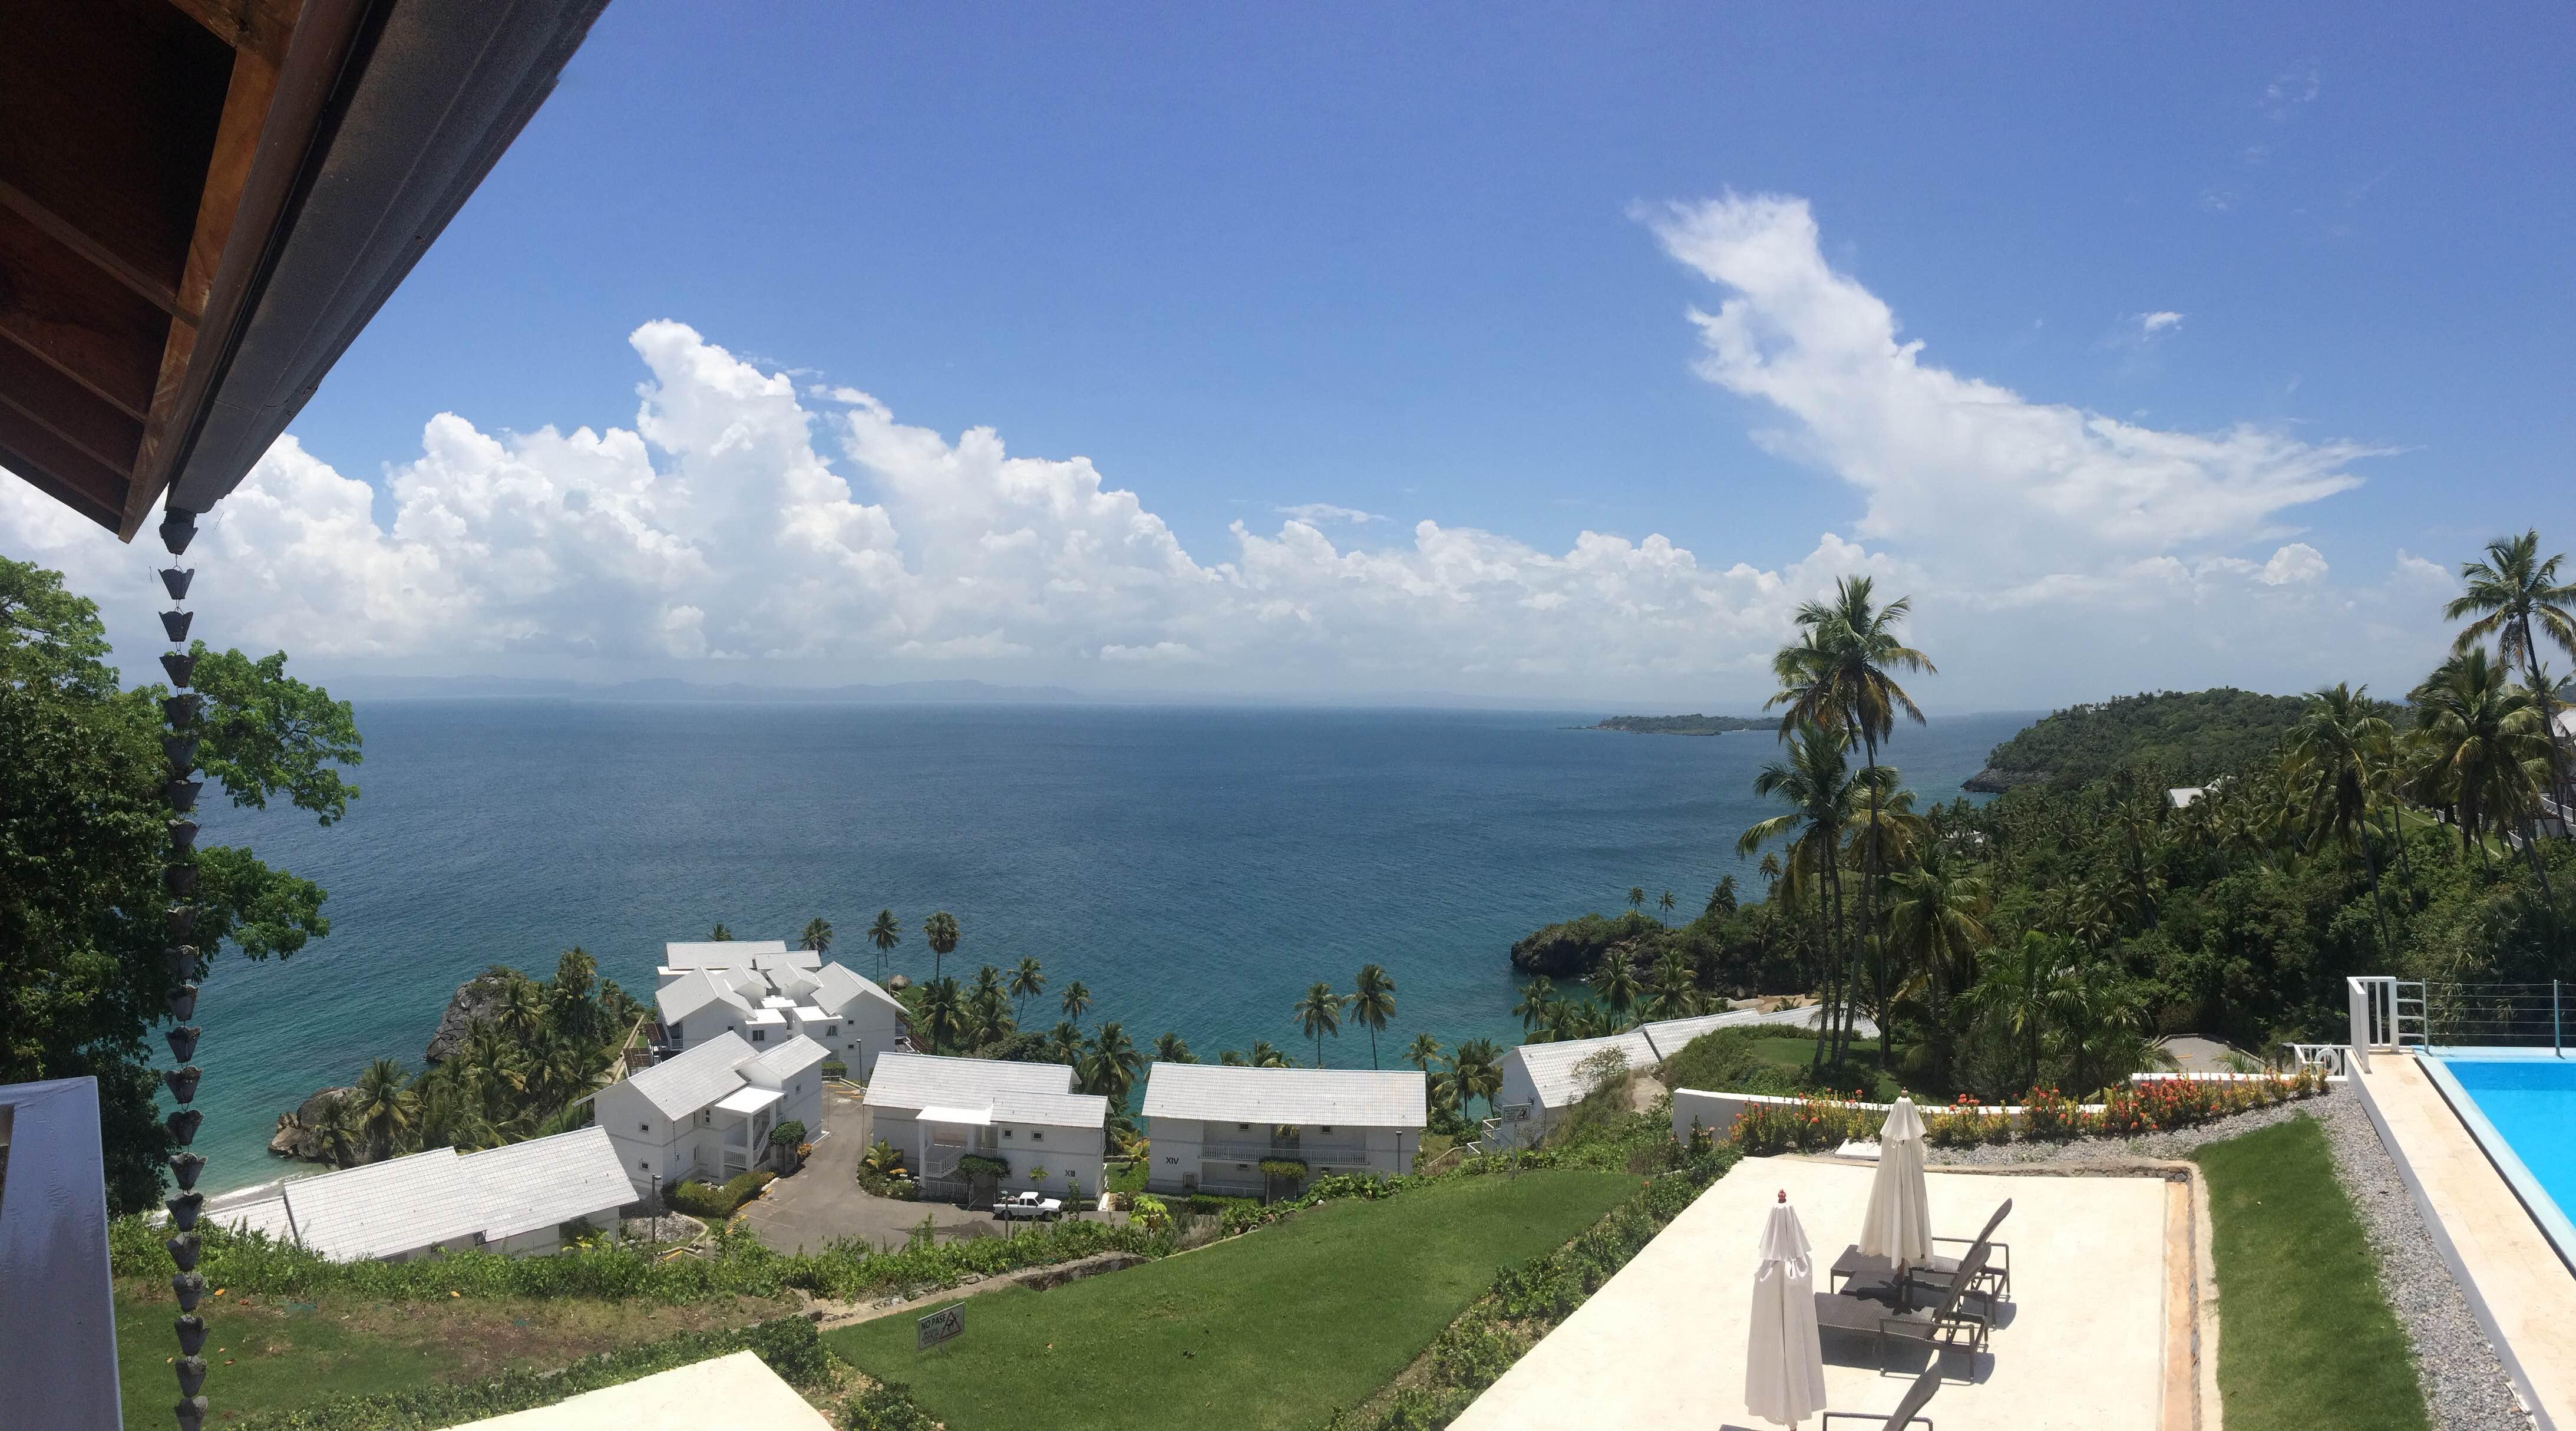 VISTA MARE - 2 BED 2 BATH OCEAN VIEW CONDO - $230,000 USD - A574LT